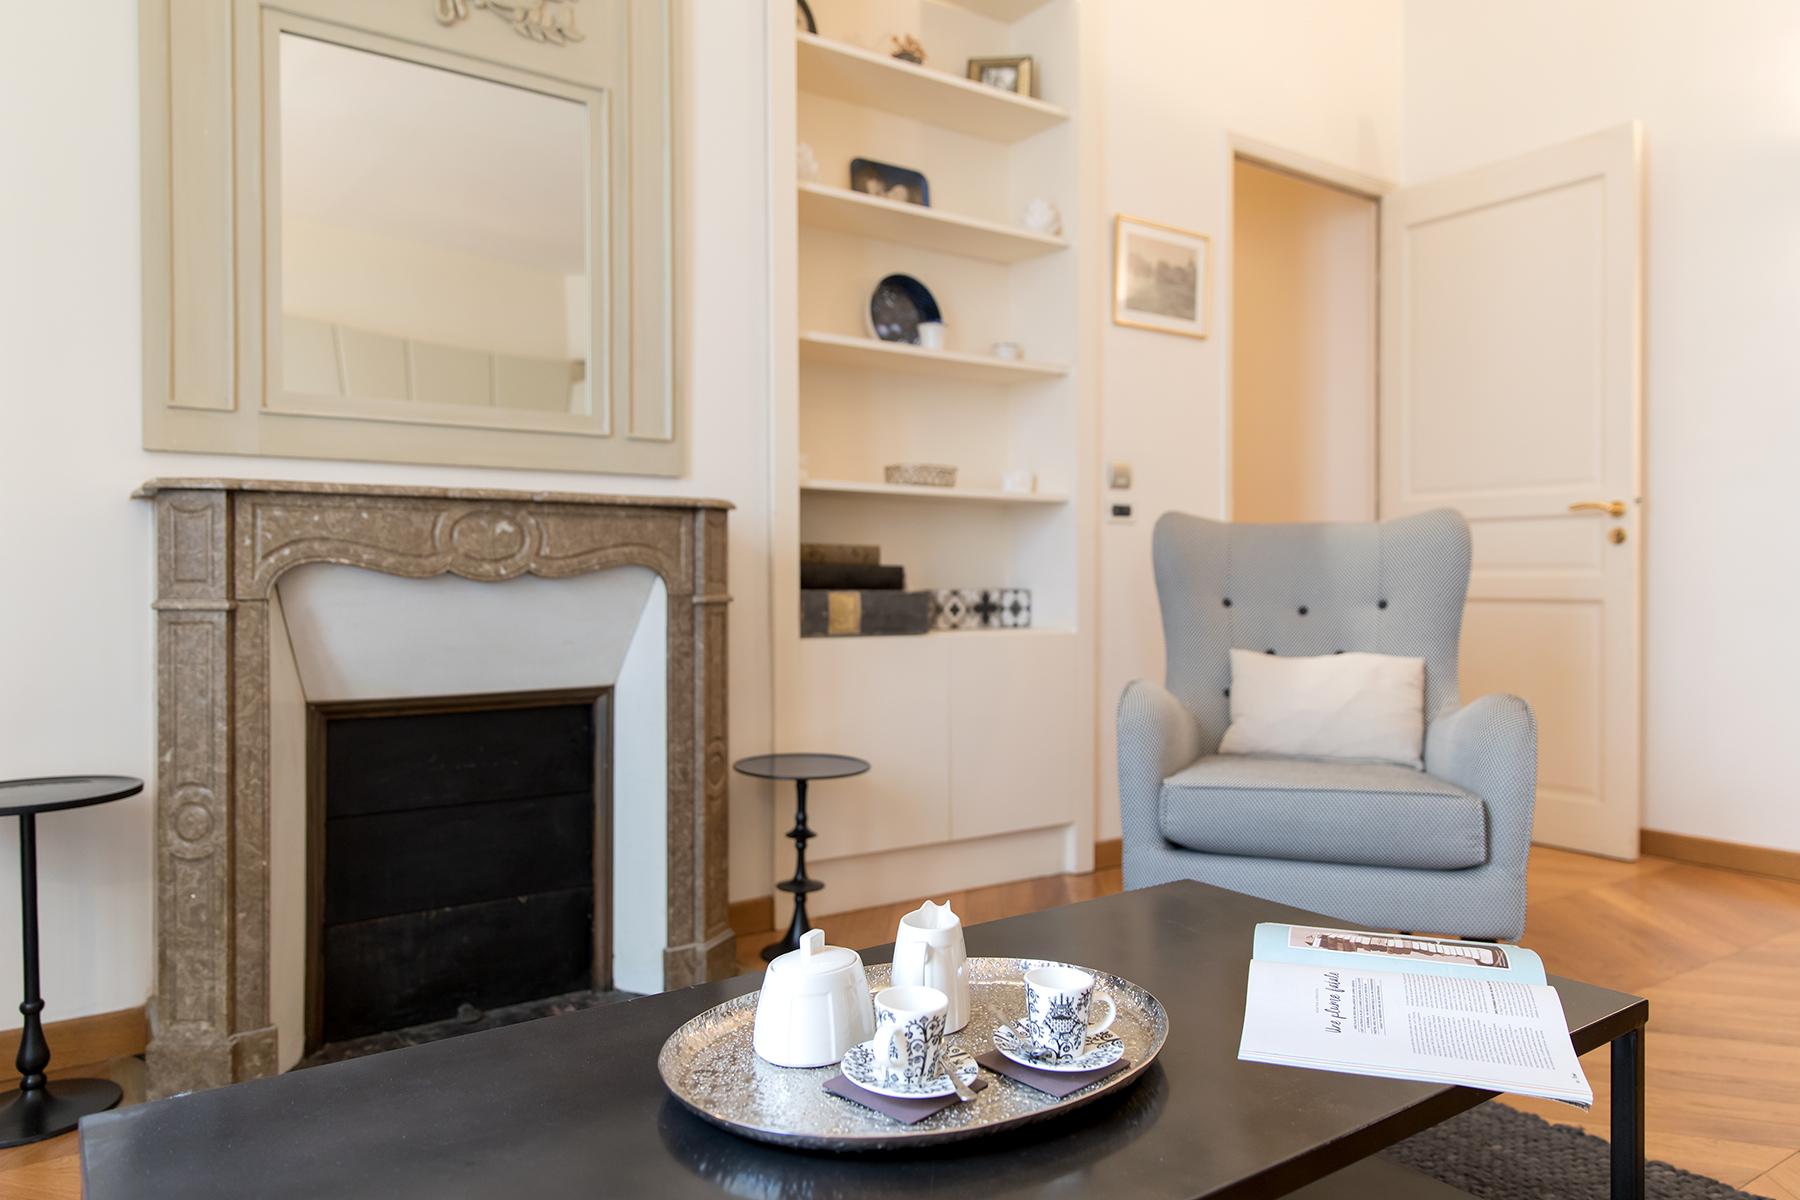 Fireplace at Apartment Monceau Chic, 9th Arr, Paris